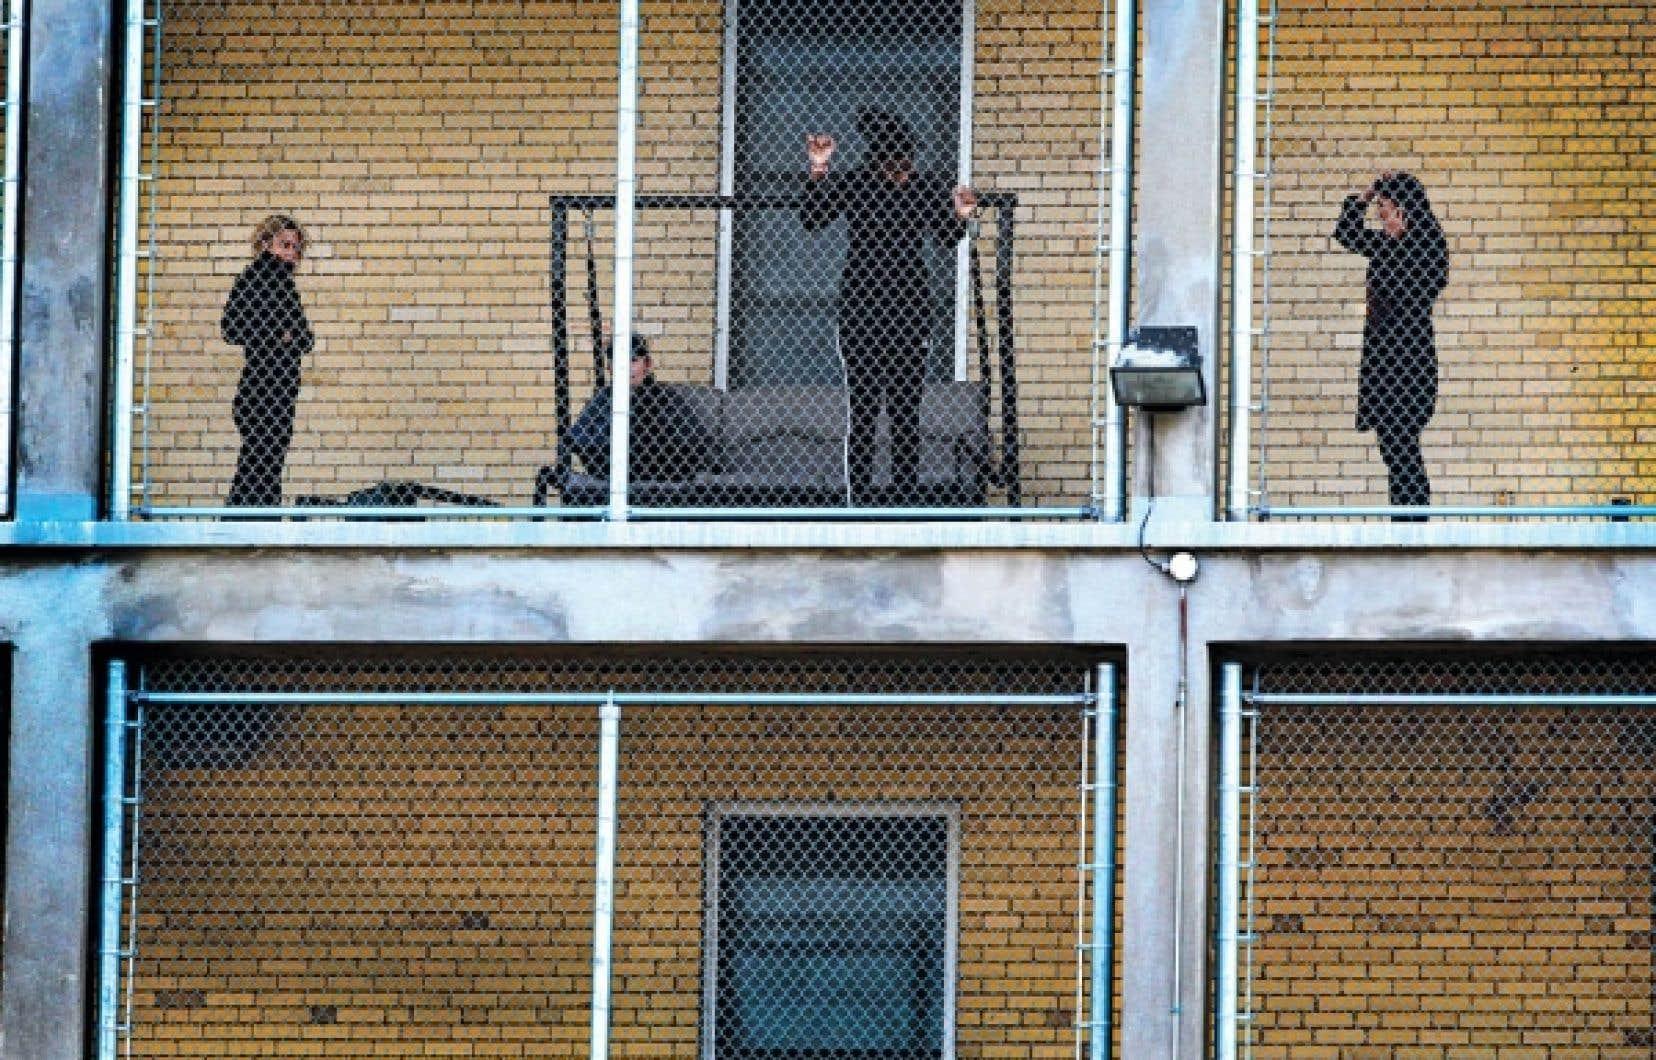 Au Centre jeunesse de Laval, les filles placées en garde fermée après être passées au Tribunal de la jeunesse n'ont pas accès au libre accès extérieur, comme en témoigne cette aire de récréation du balcon entièrement grillagée.